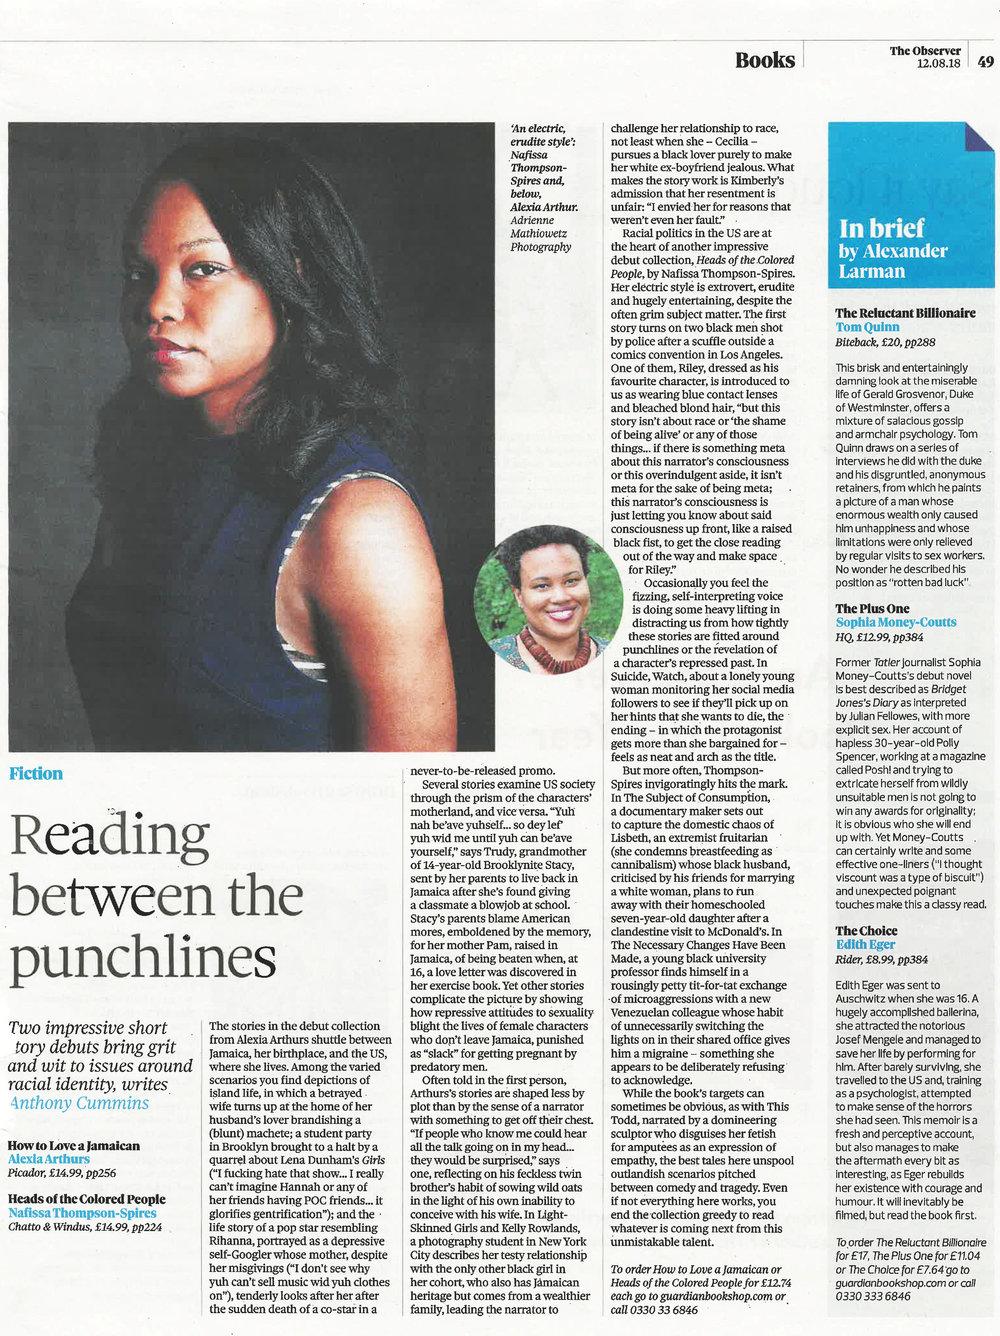 Guardian review.jpg